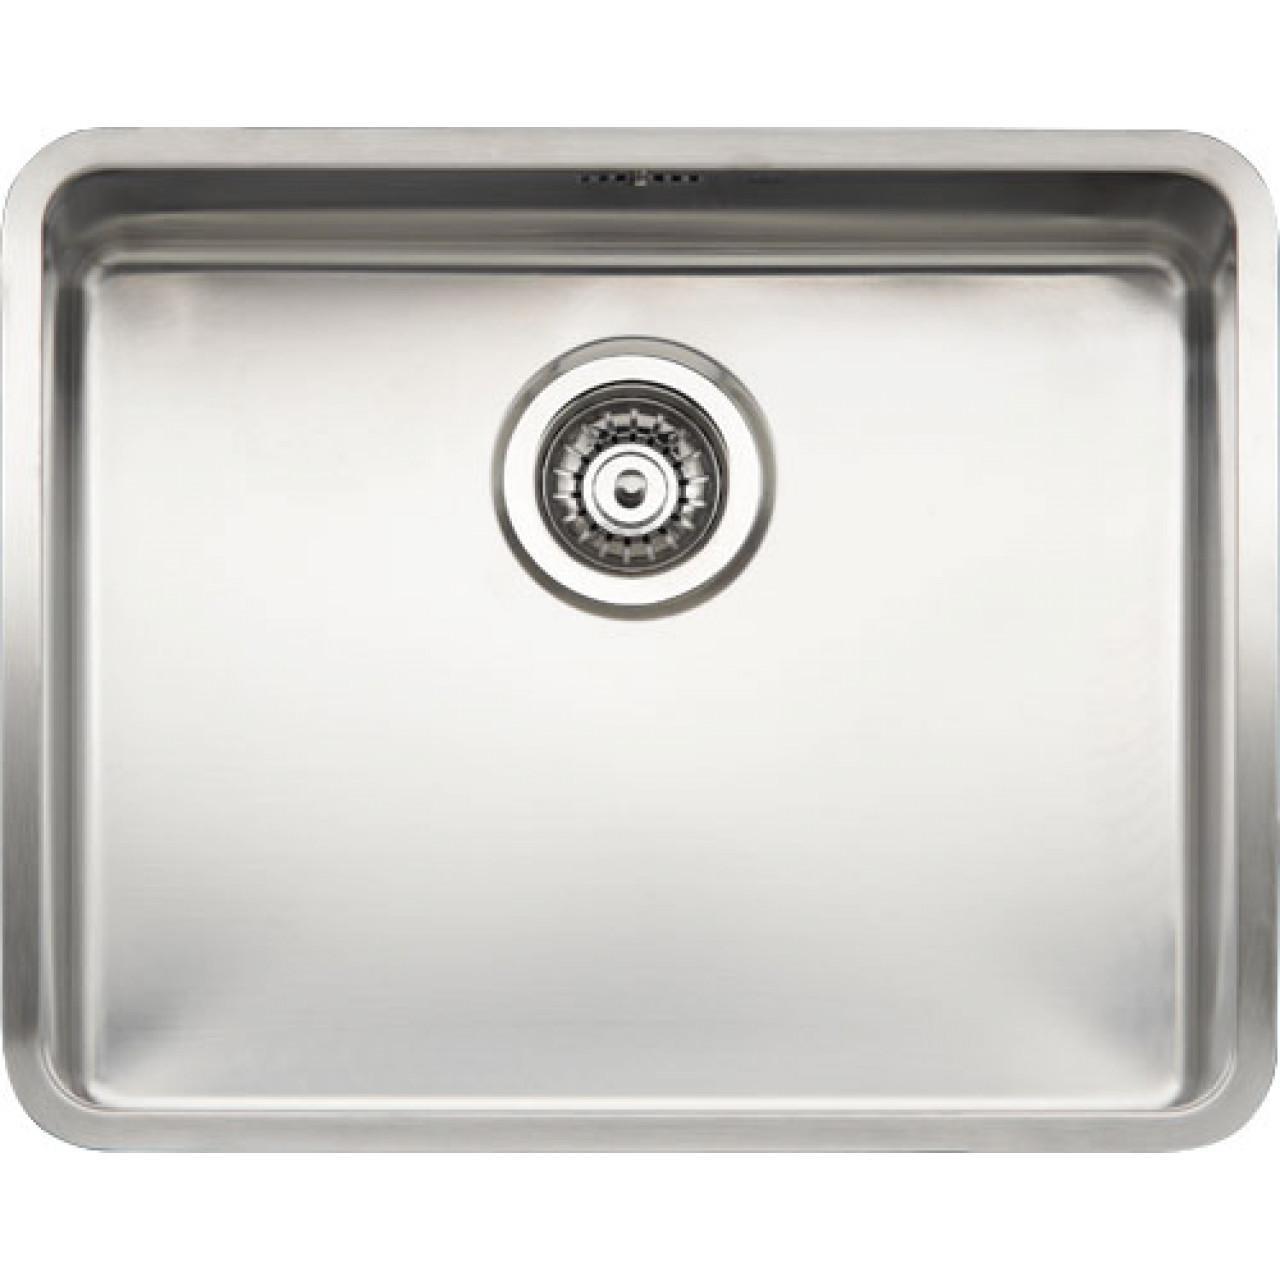 Кухонная мойка Reginox Ohio 540x440 Medium OKG купить в Москве по цене от 23300р. в интернет-магазине mebel-v-vannu.ru